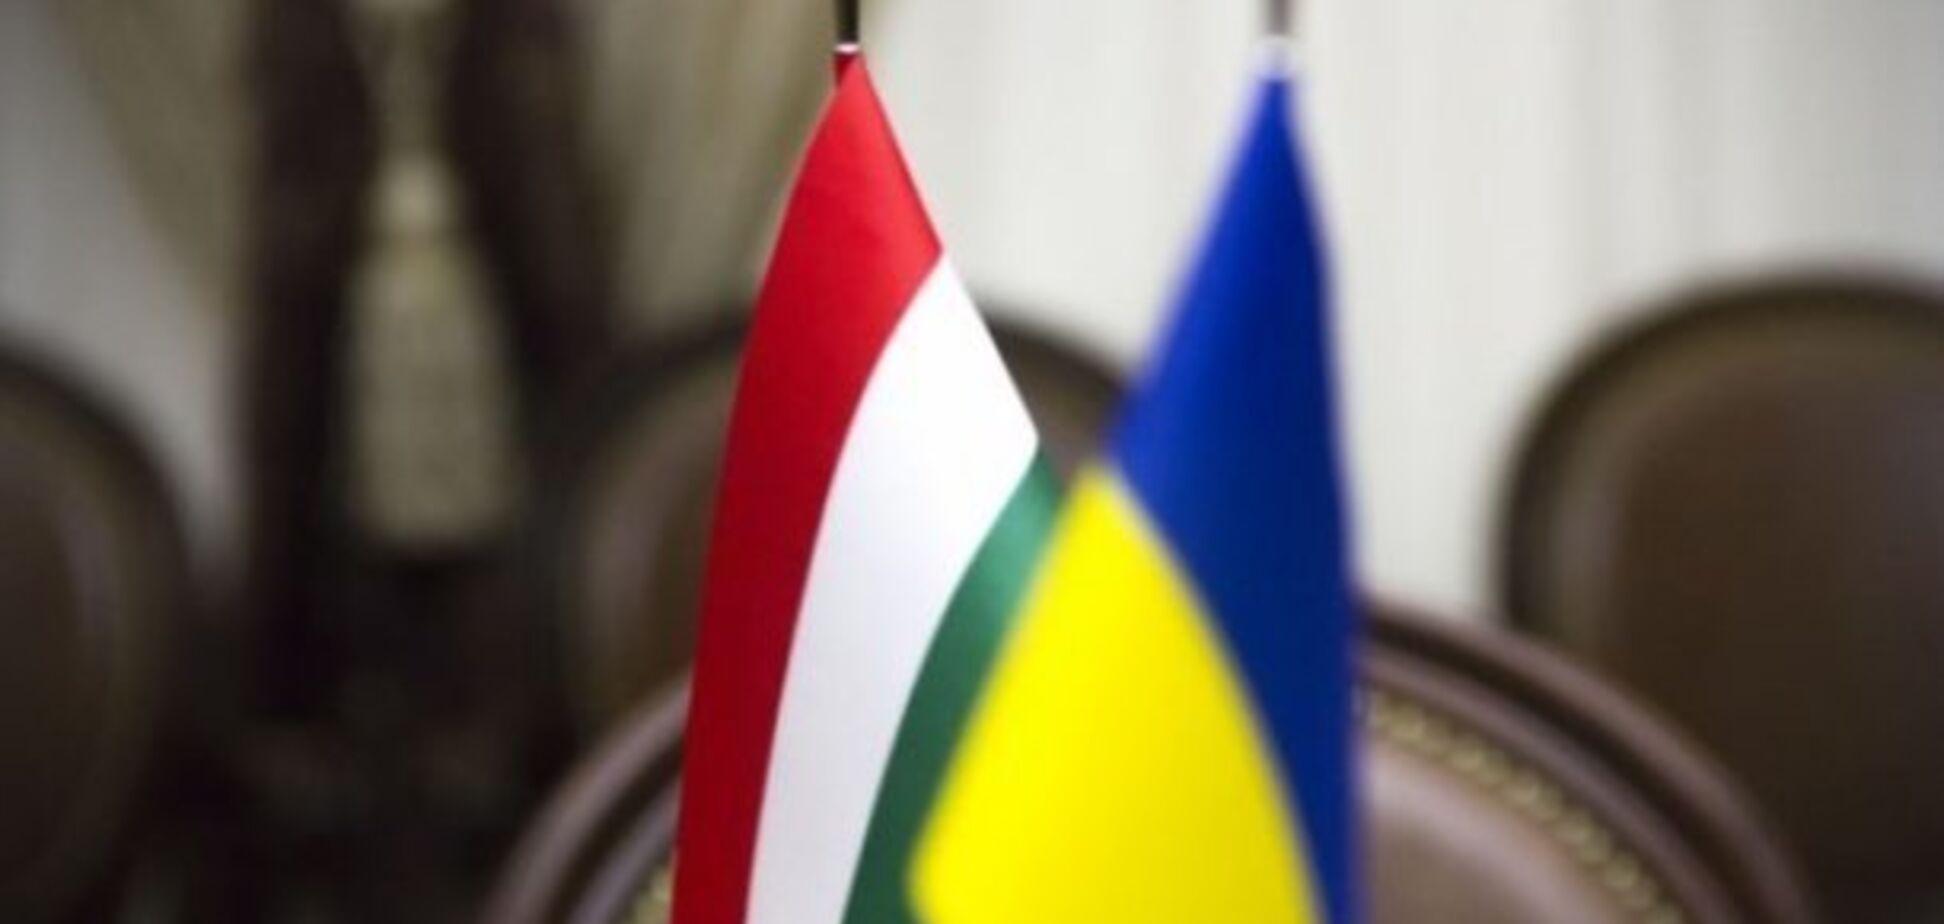 Никакого сепаратизма: Венгрия попыталась успокоить Украину